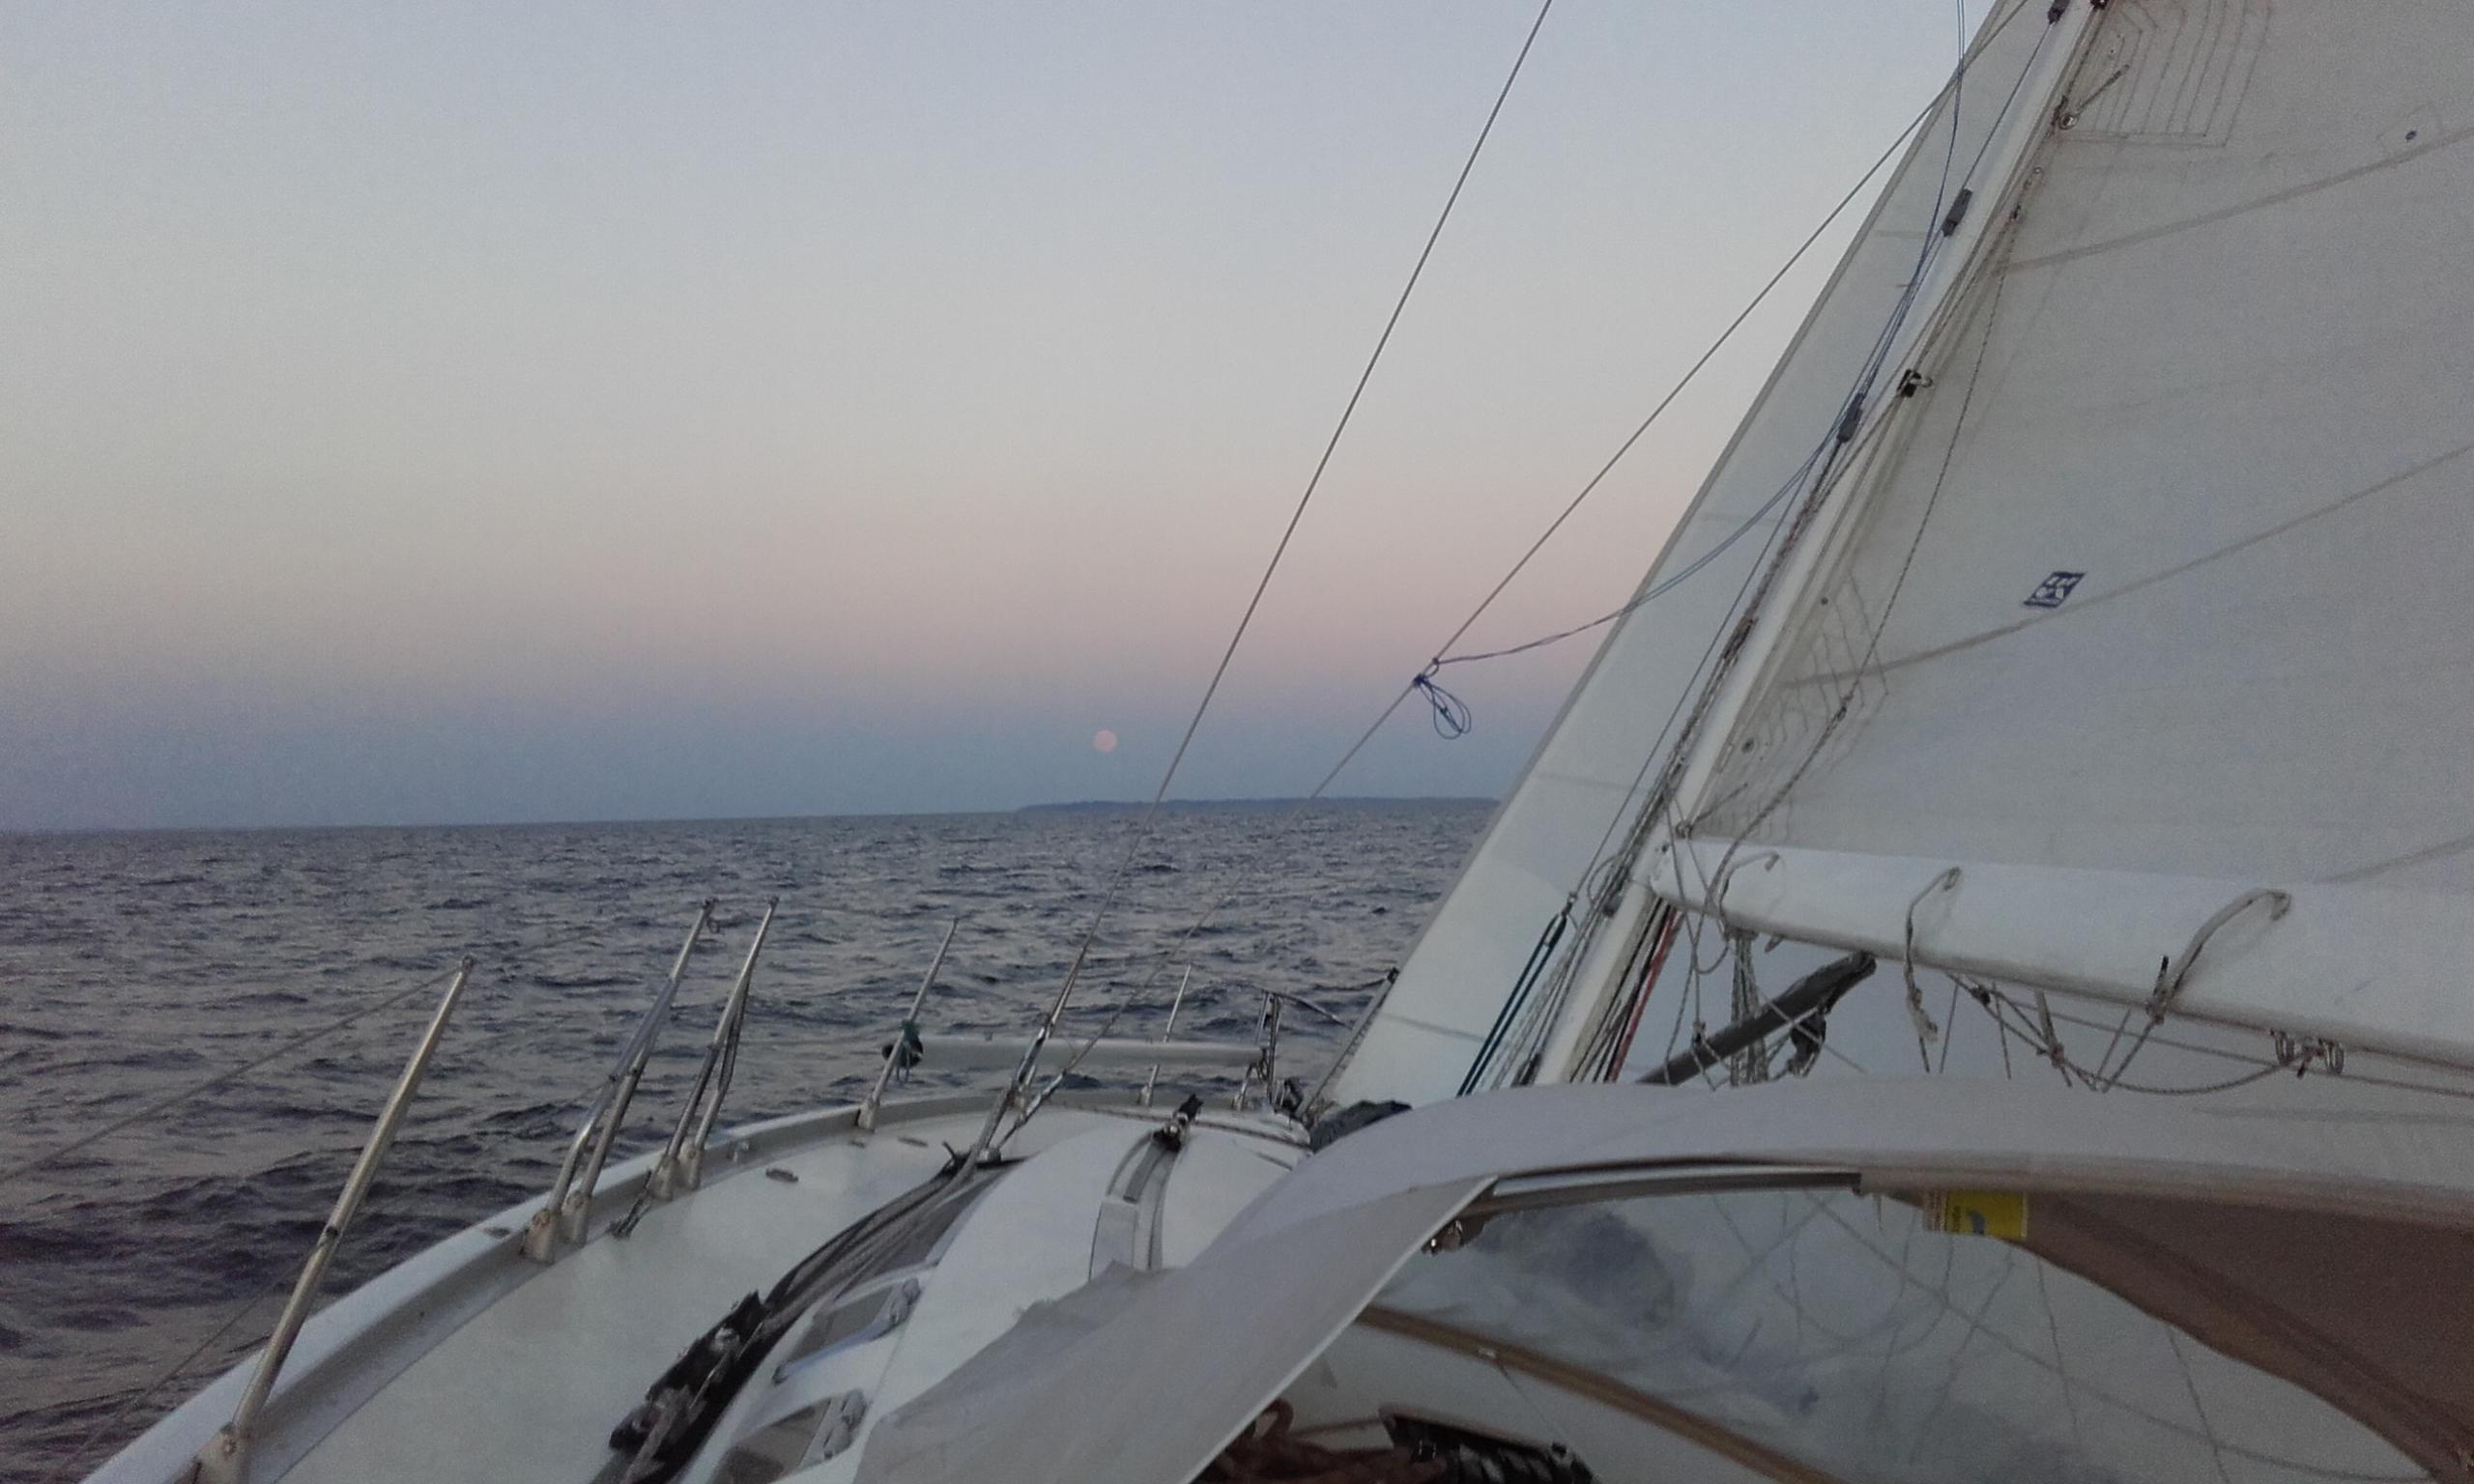 Louer un voilier avec skipper : le bien-être en mer